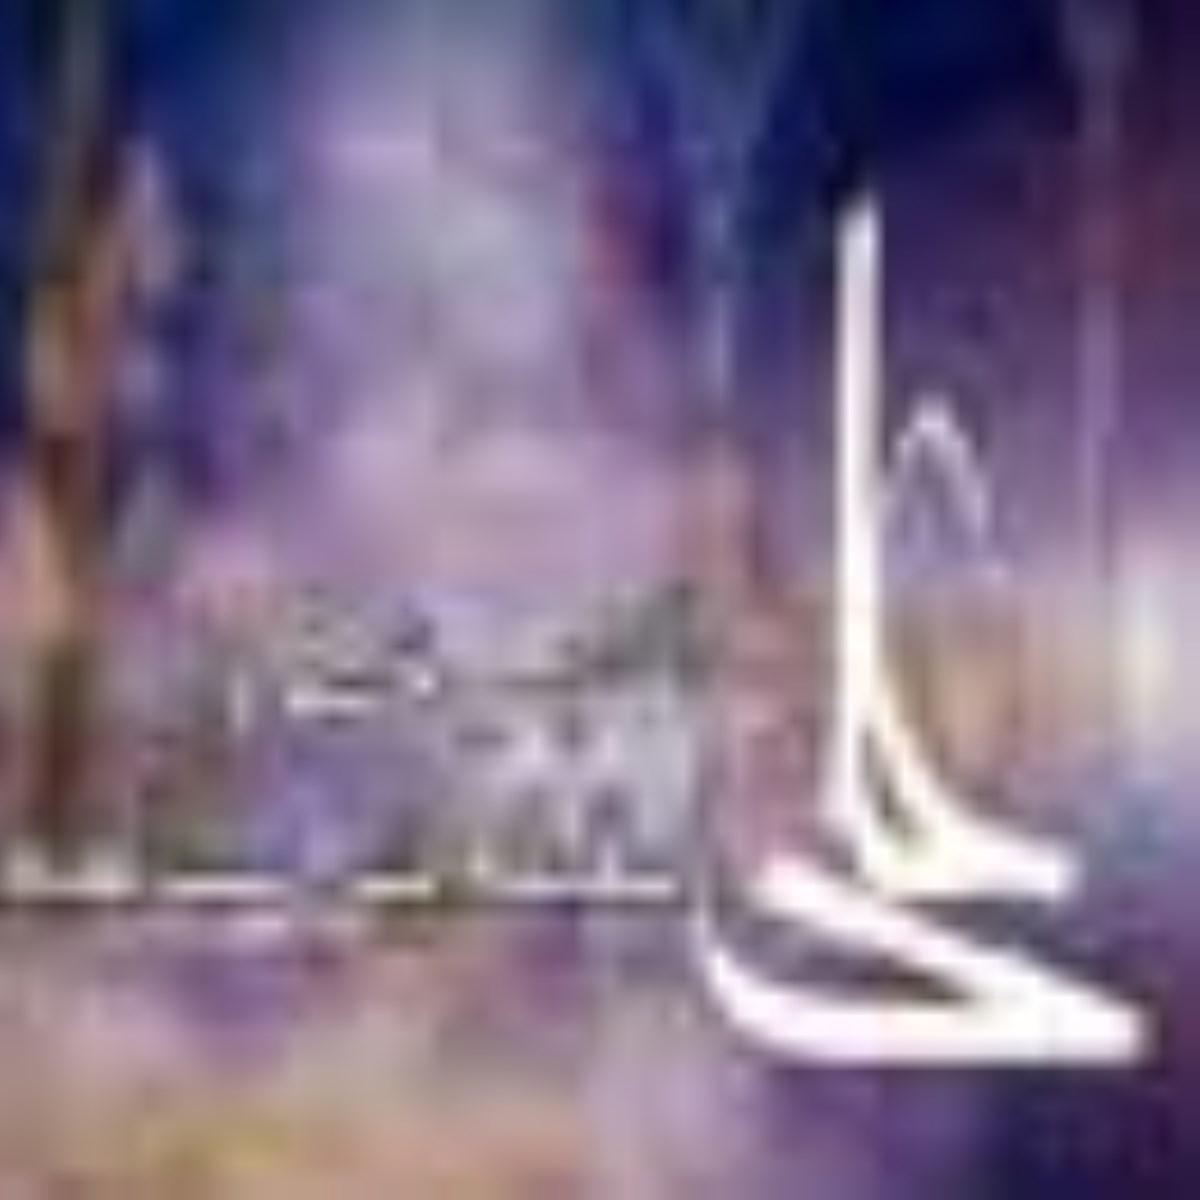 غدیر خم و سقیفه بنی ساعده(2)